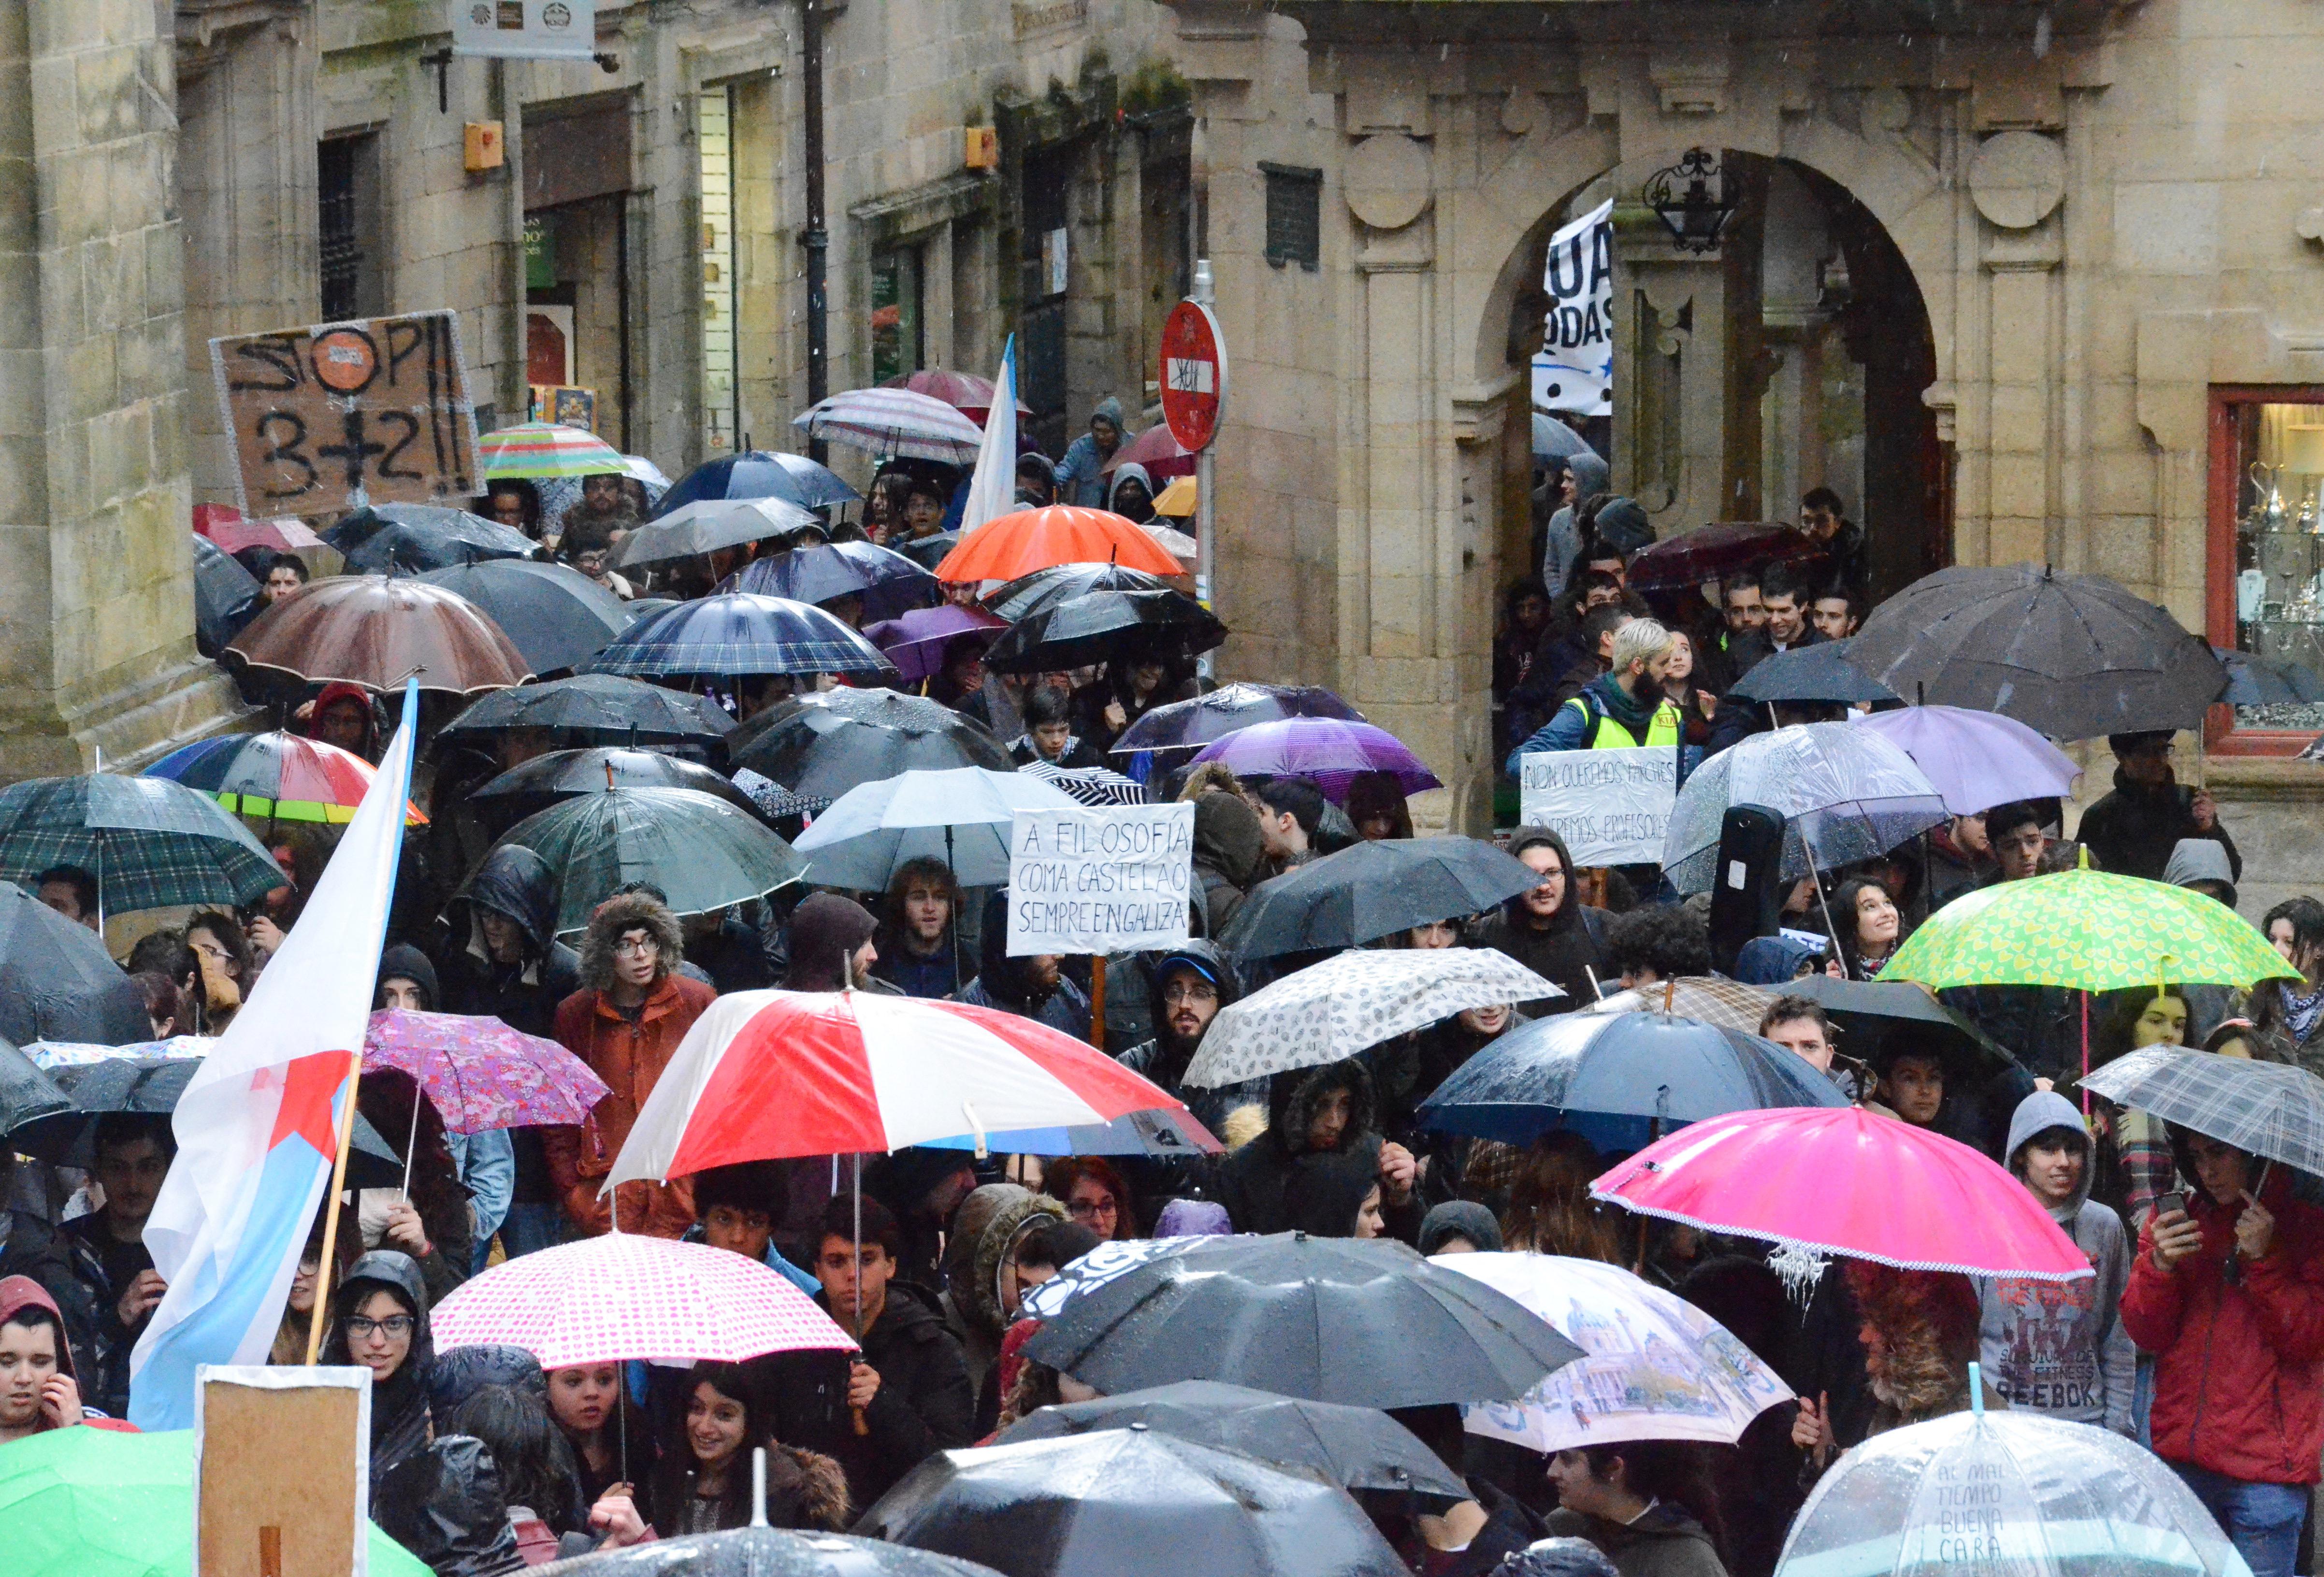 A choiva non foi un impedimento para os manifestantes | ©Carla Serrano